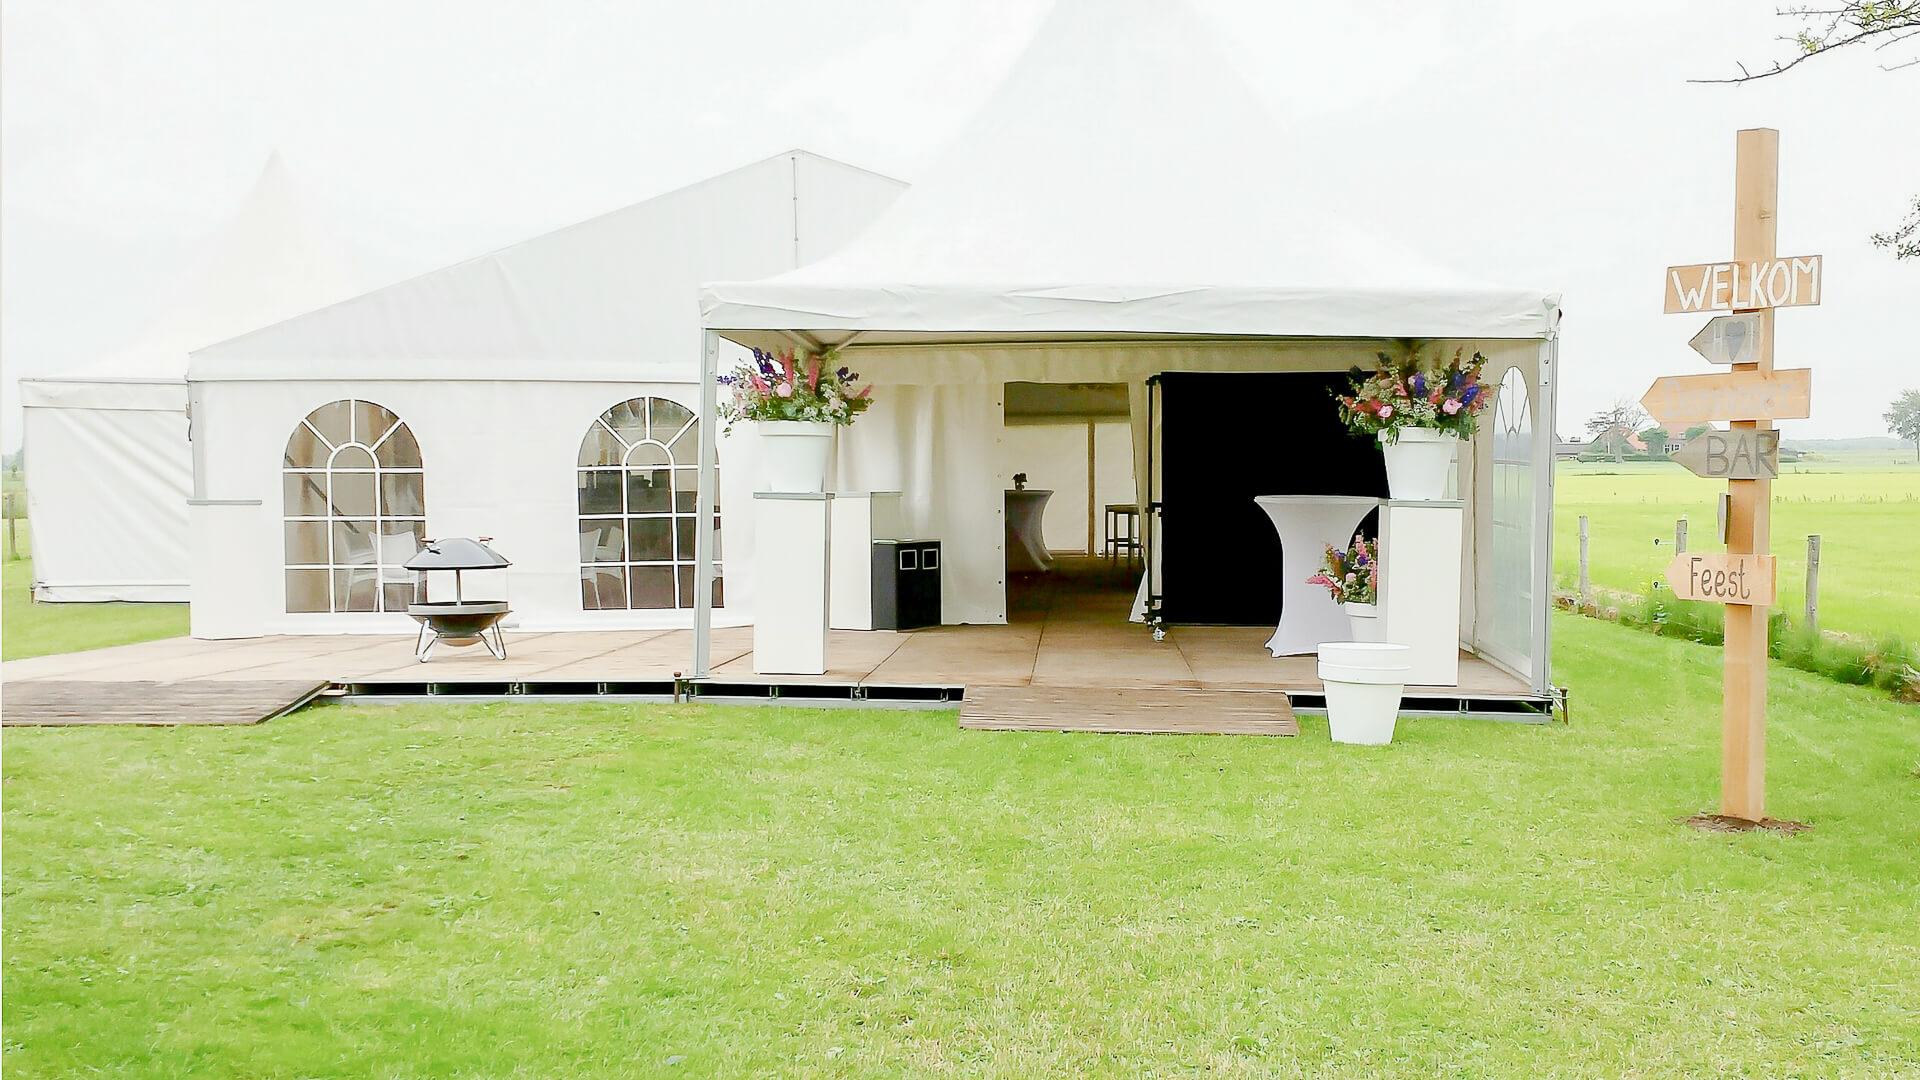 Locatiestyling Lijn 10, styling, trouwen, party tent aankleden , bruidswerk, locatie, trouwen, fotografie lijn 10, Zuidhorn